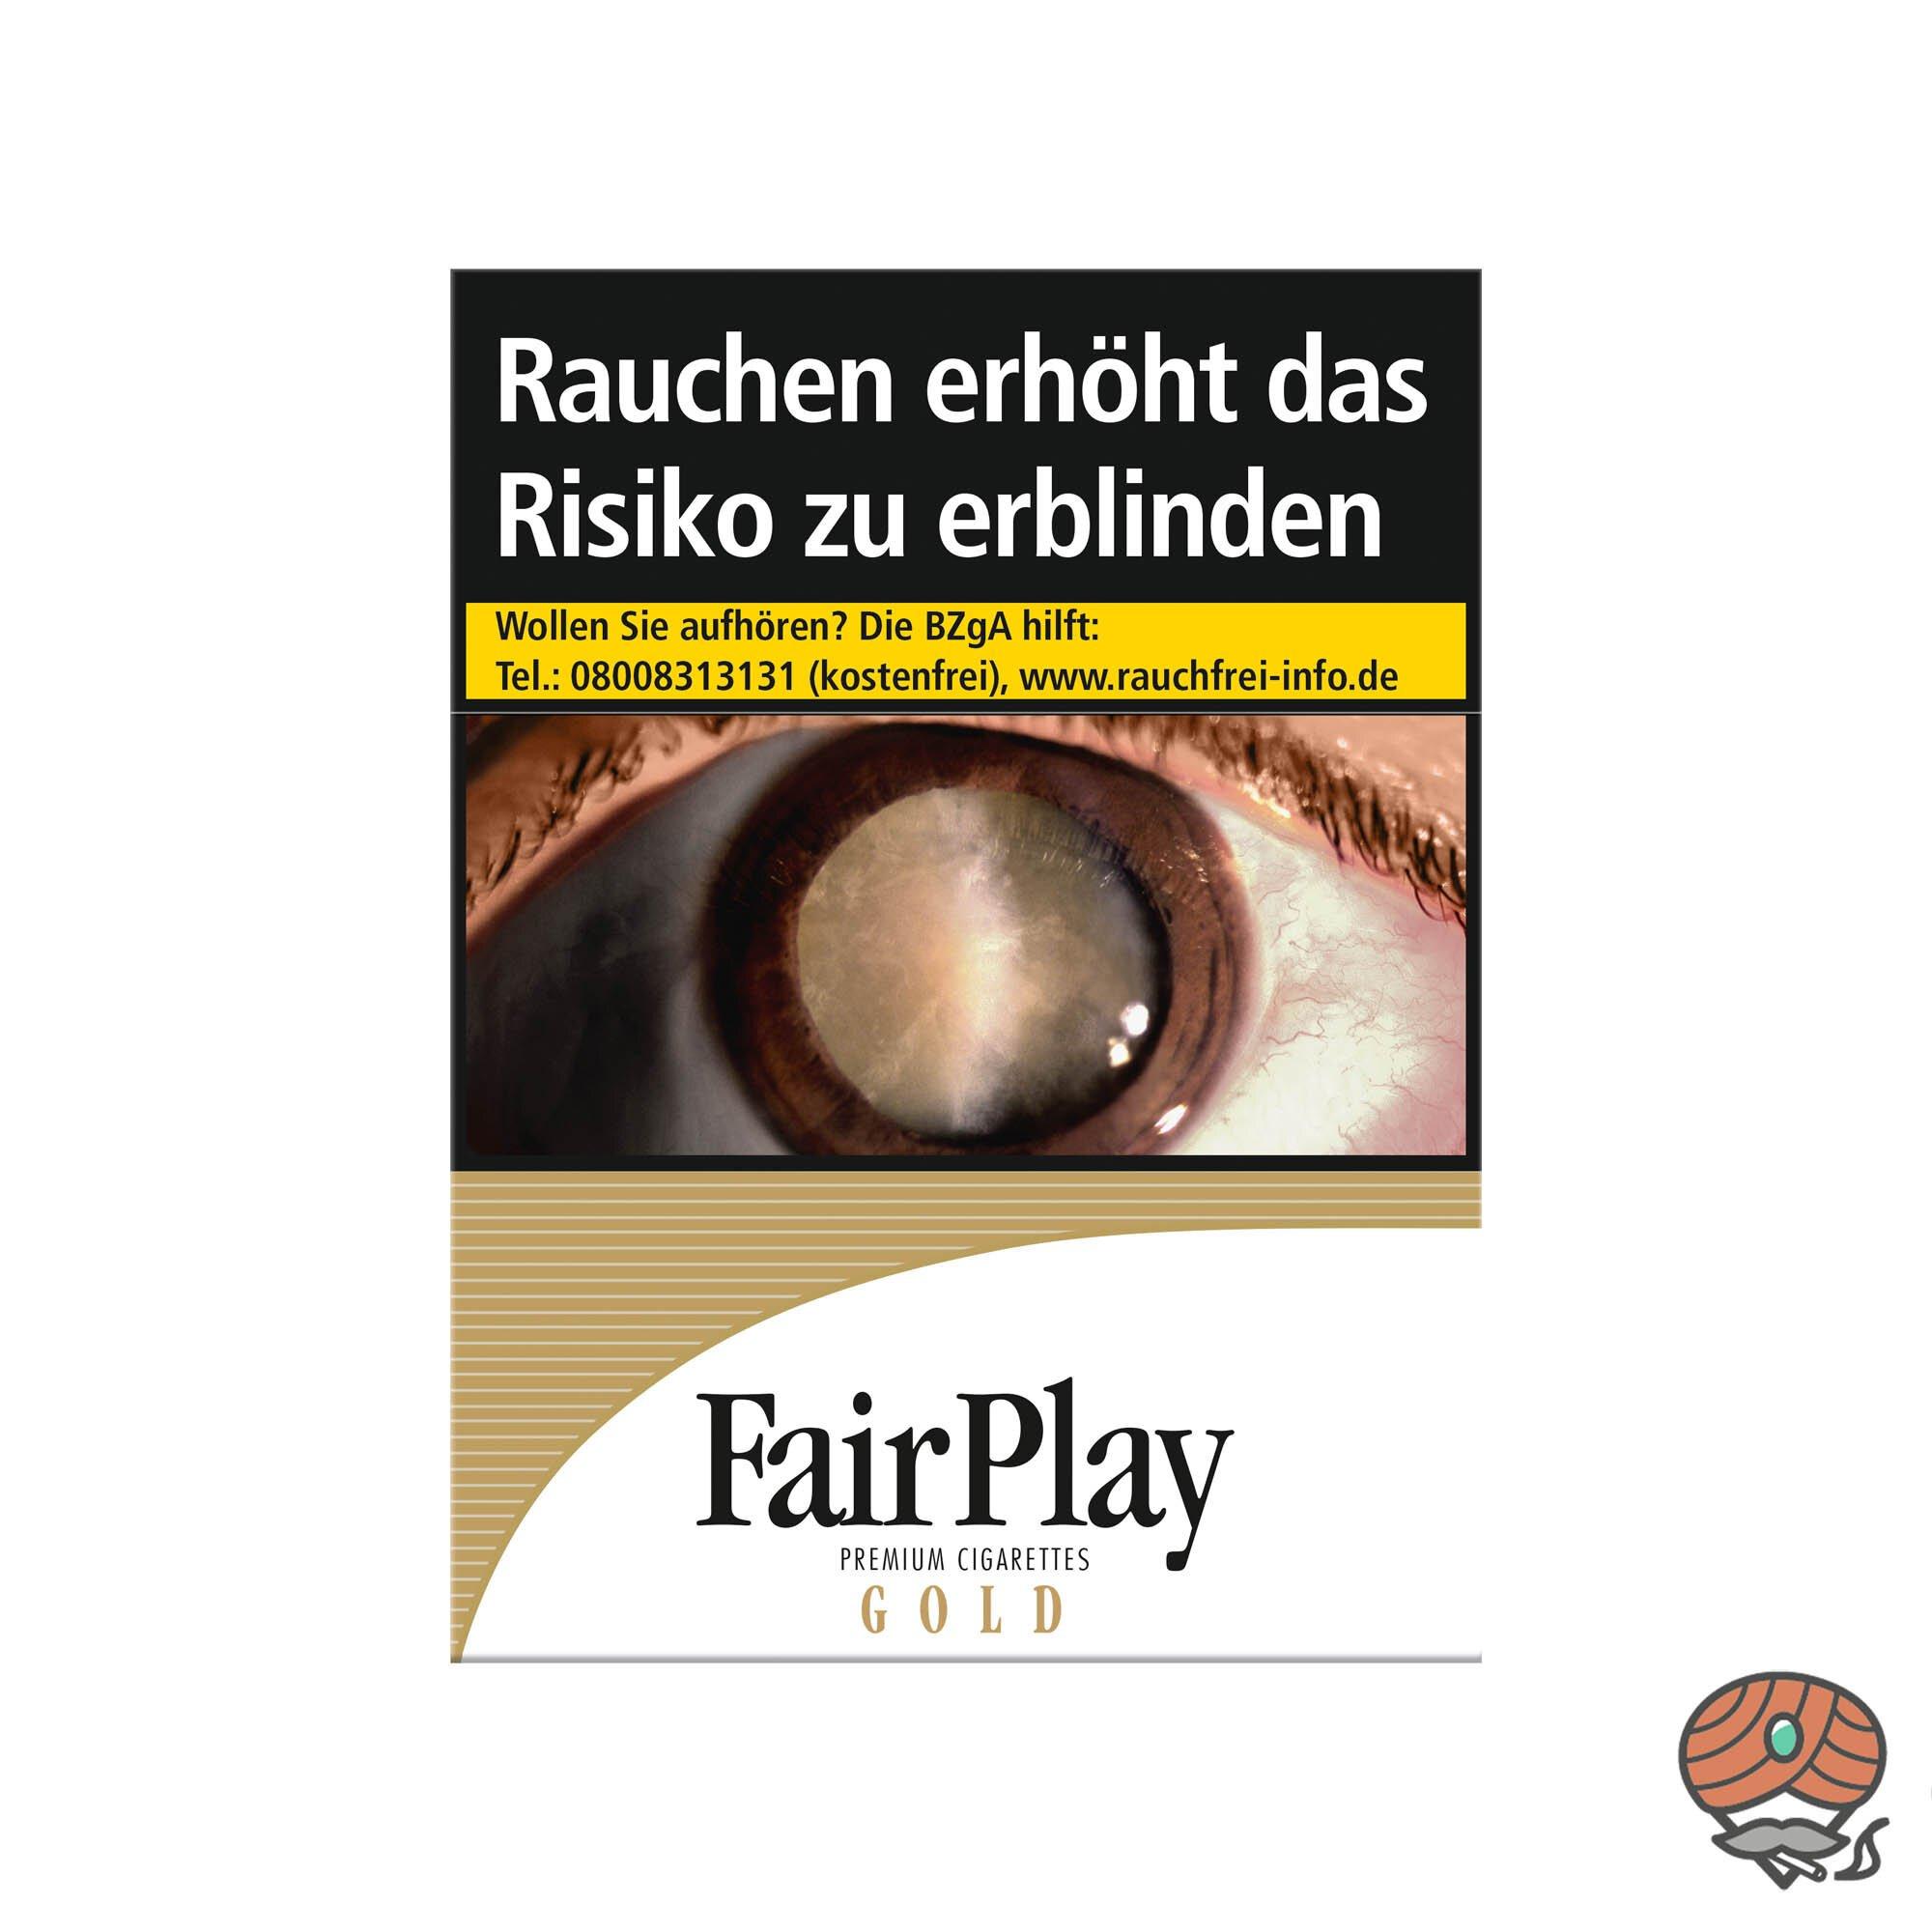 Fair Play GOLD Zigaretten XXL/Maxi Box 26 Stück